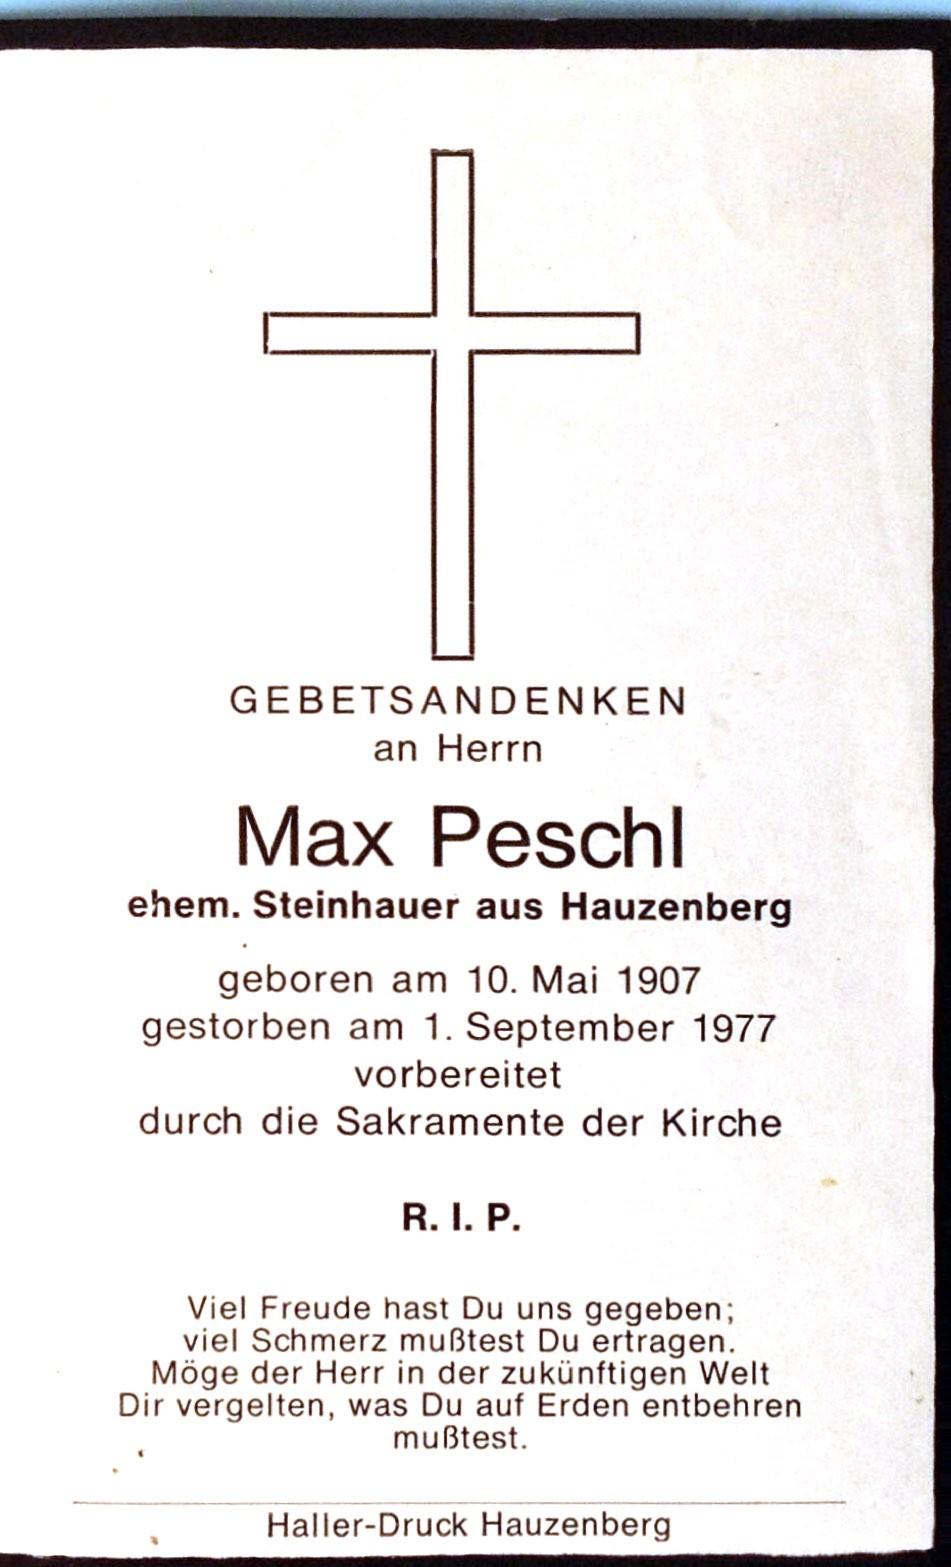 1977-05-10-Peschl-Max-Hauzenberg-Steinhauer